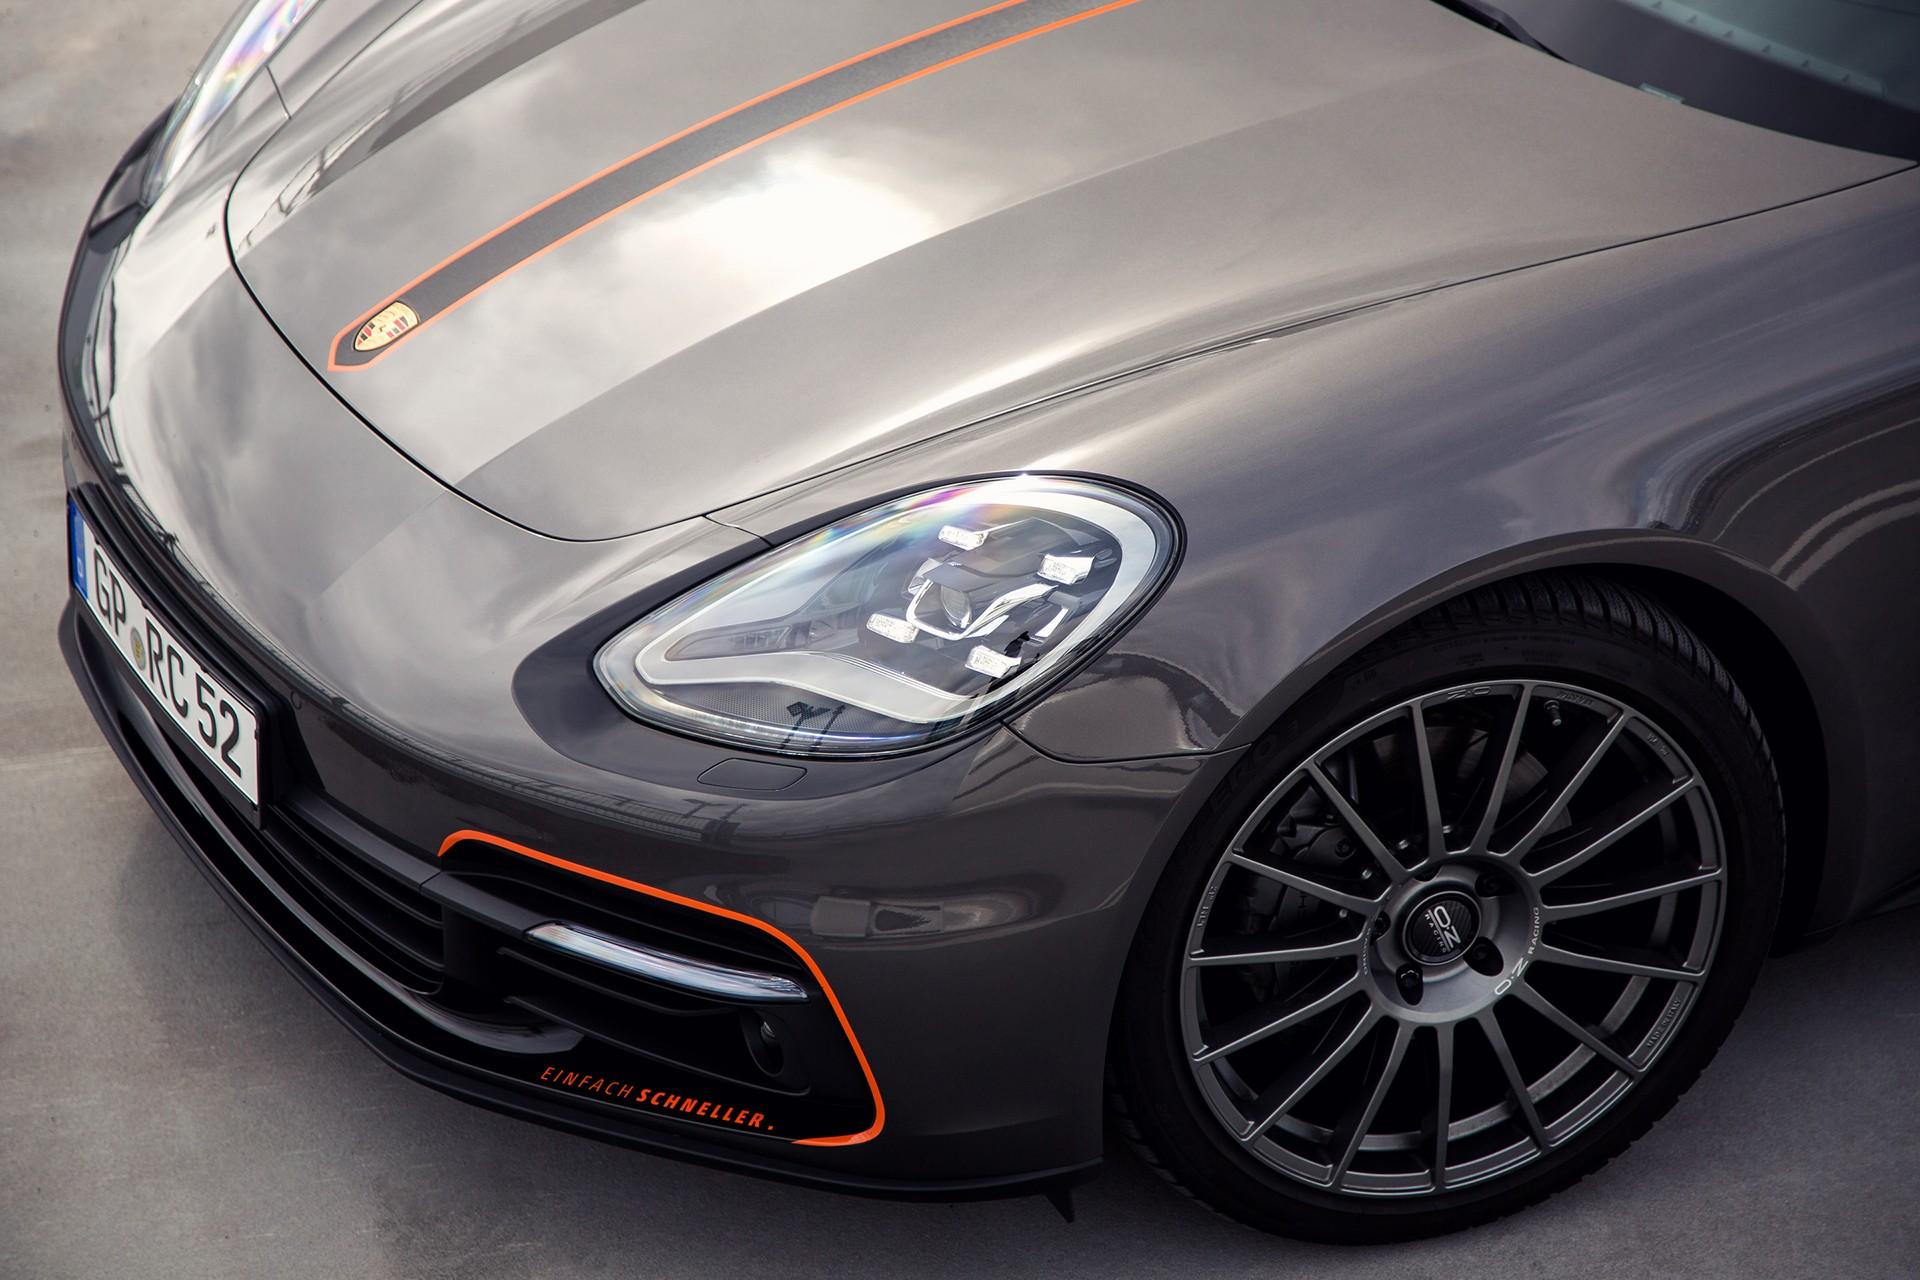 Porsche Panamera 4S Diesel by RaceChip (3)